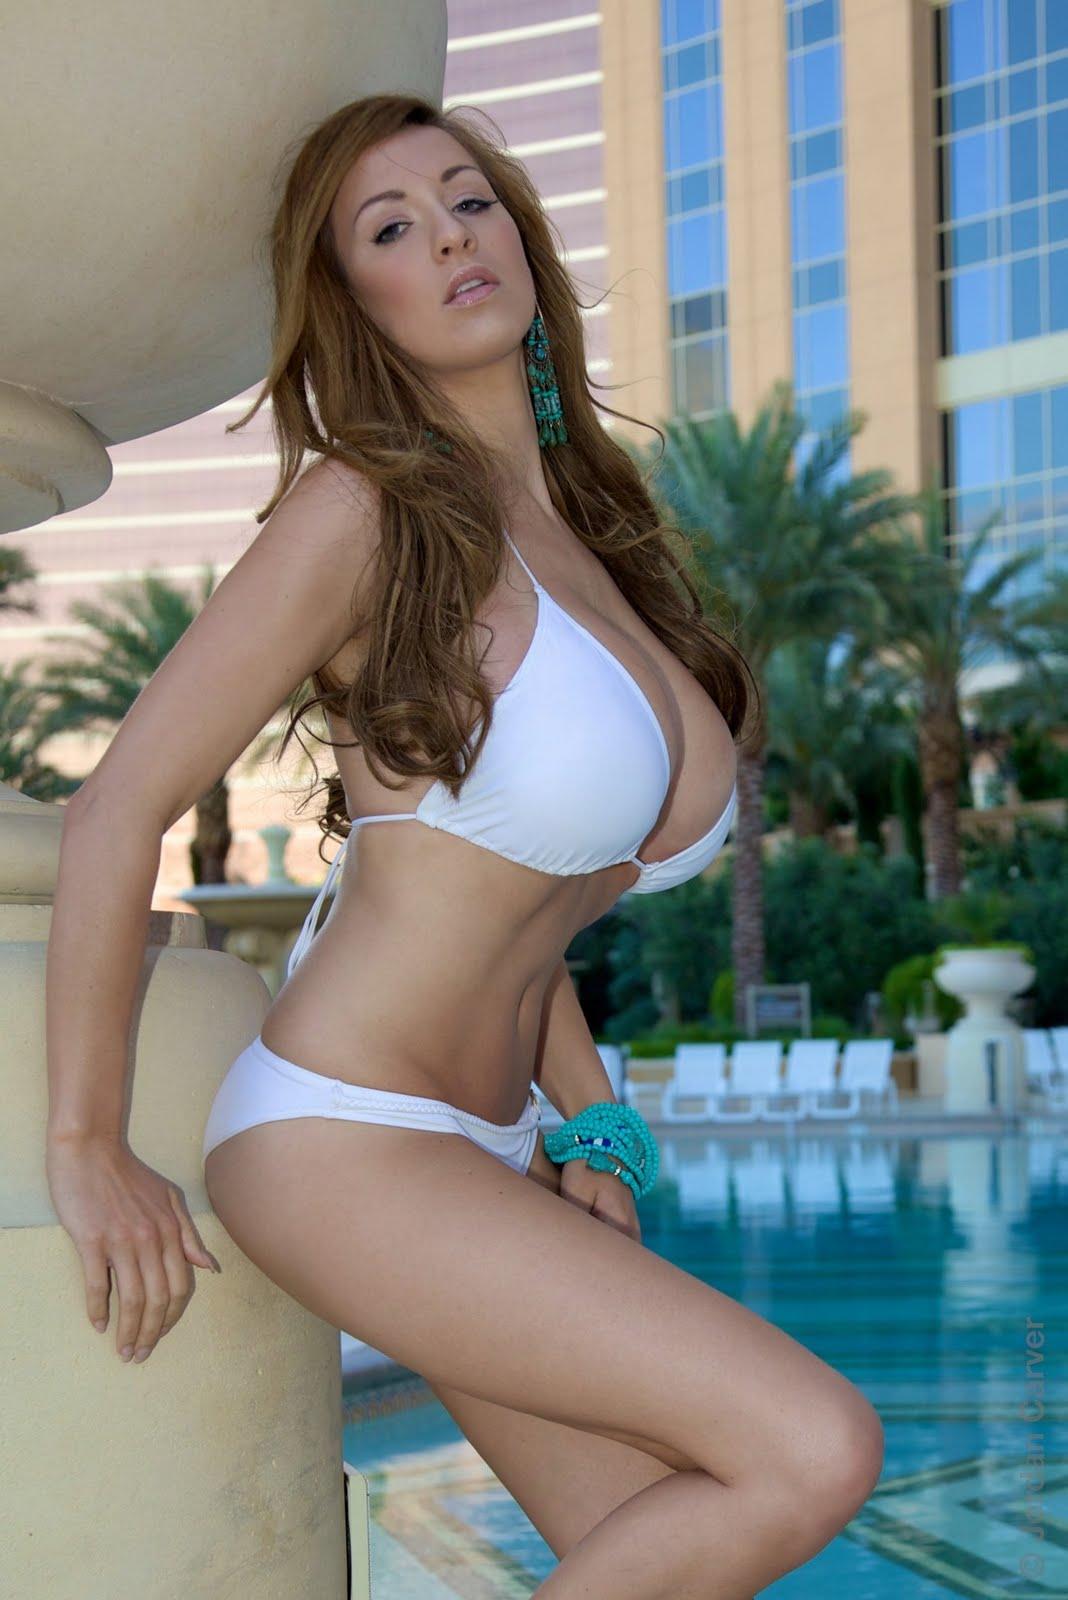 Hot Nude Living in virgin islands